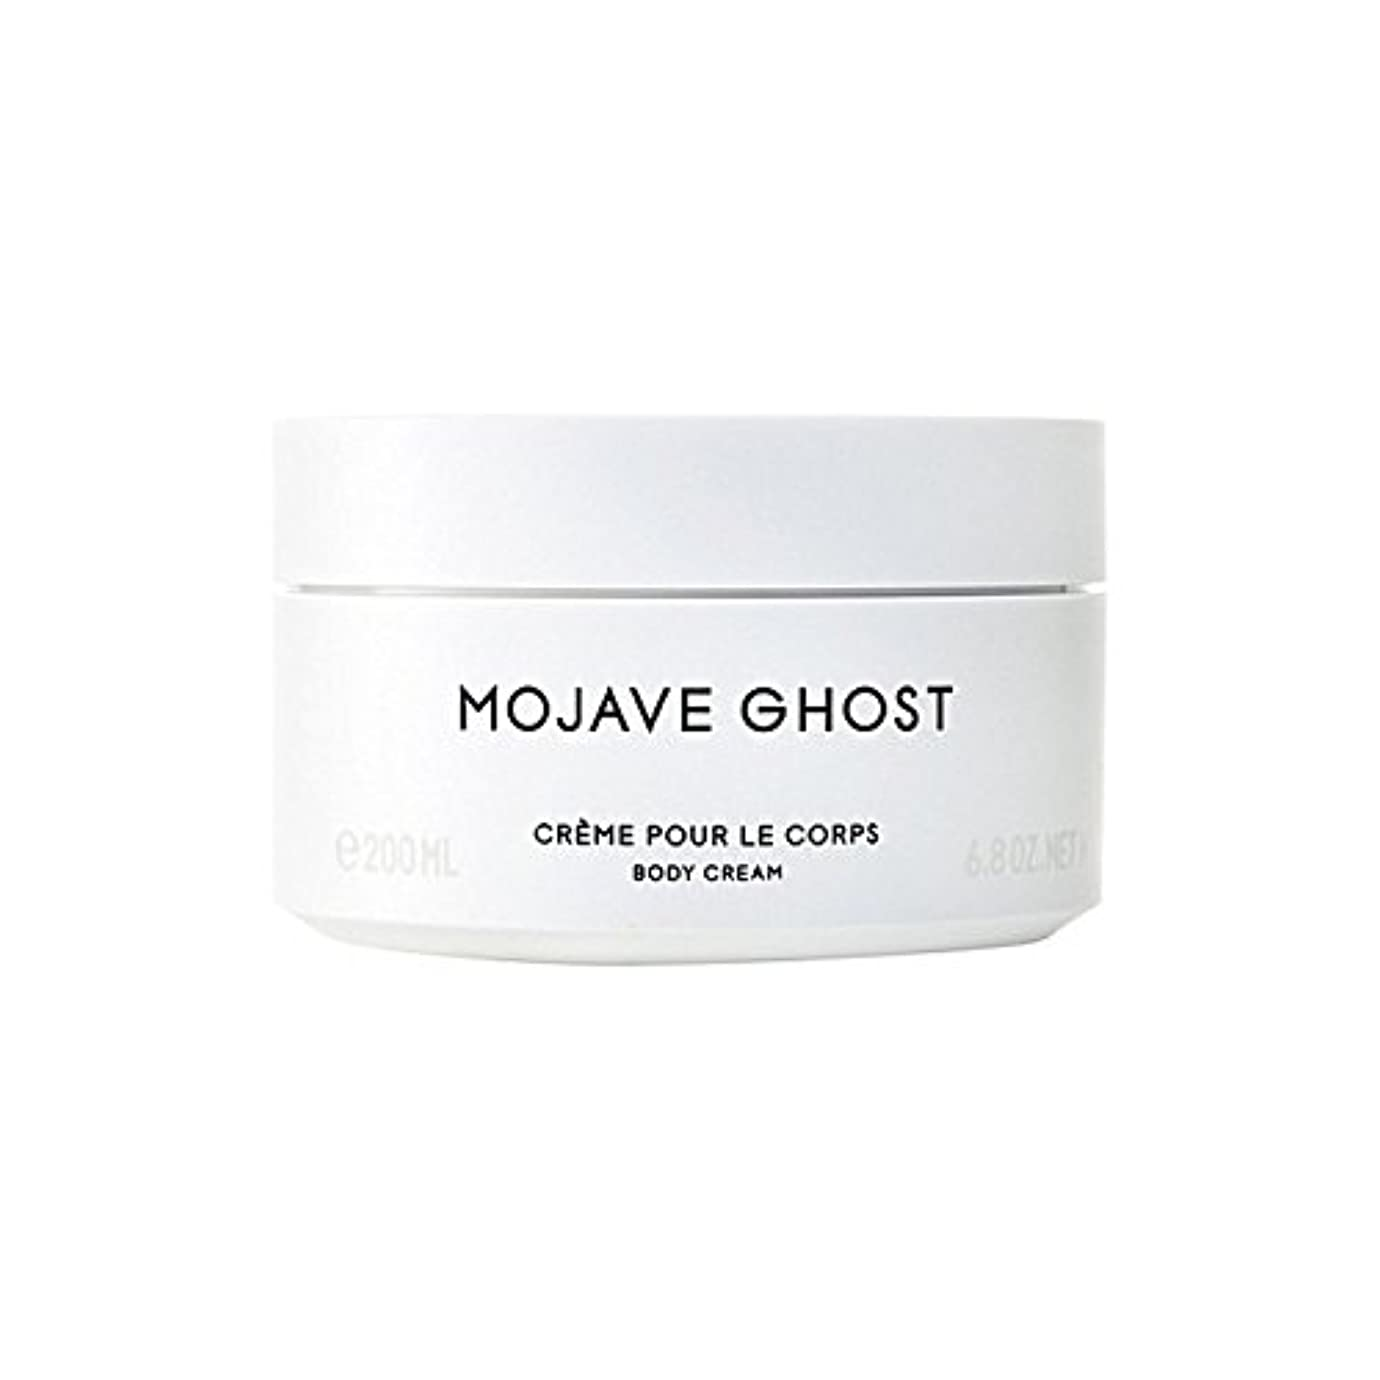 ピーブバルクメンターモハーベゴーストボディクリーム200ミリリットル x4 - Byredo Mojave Ghost Body Cream 200ml (Pack of 4) [並行輸入品]